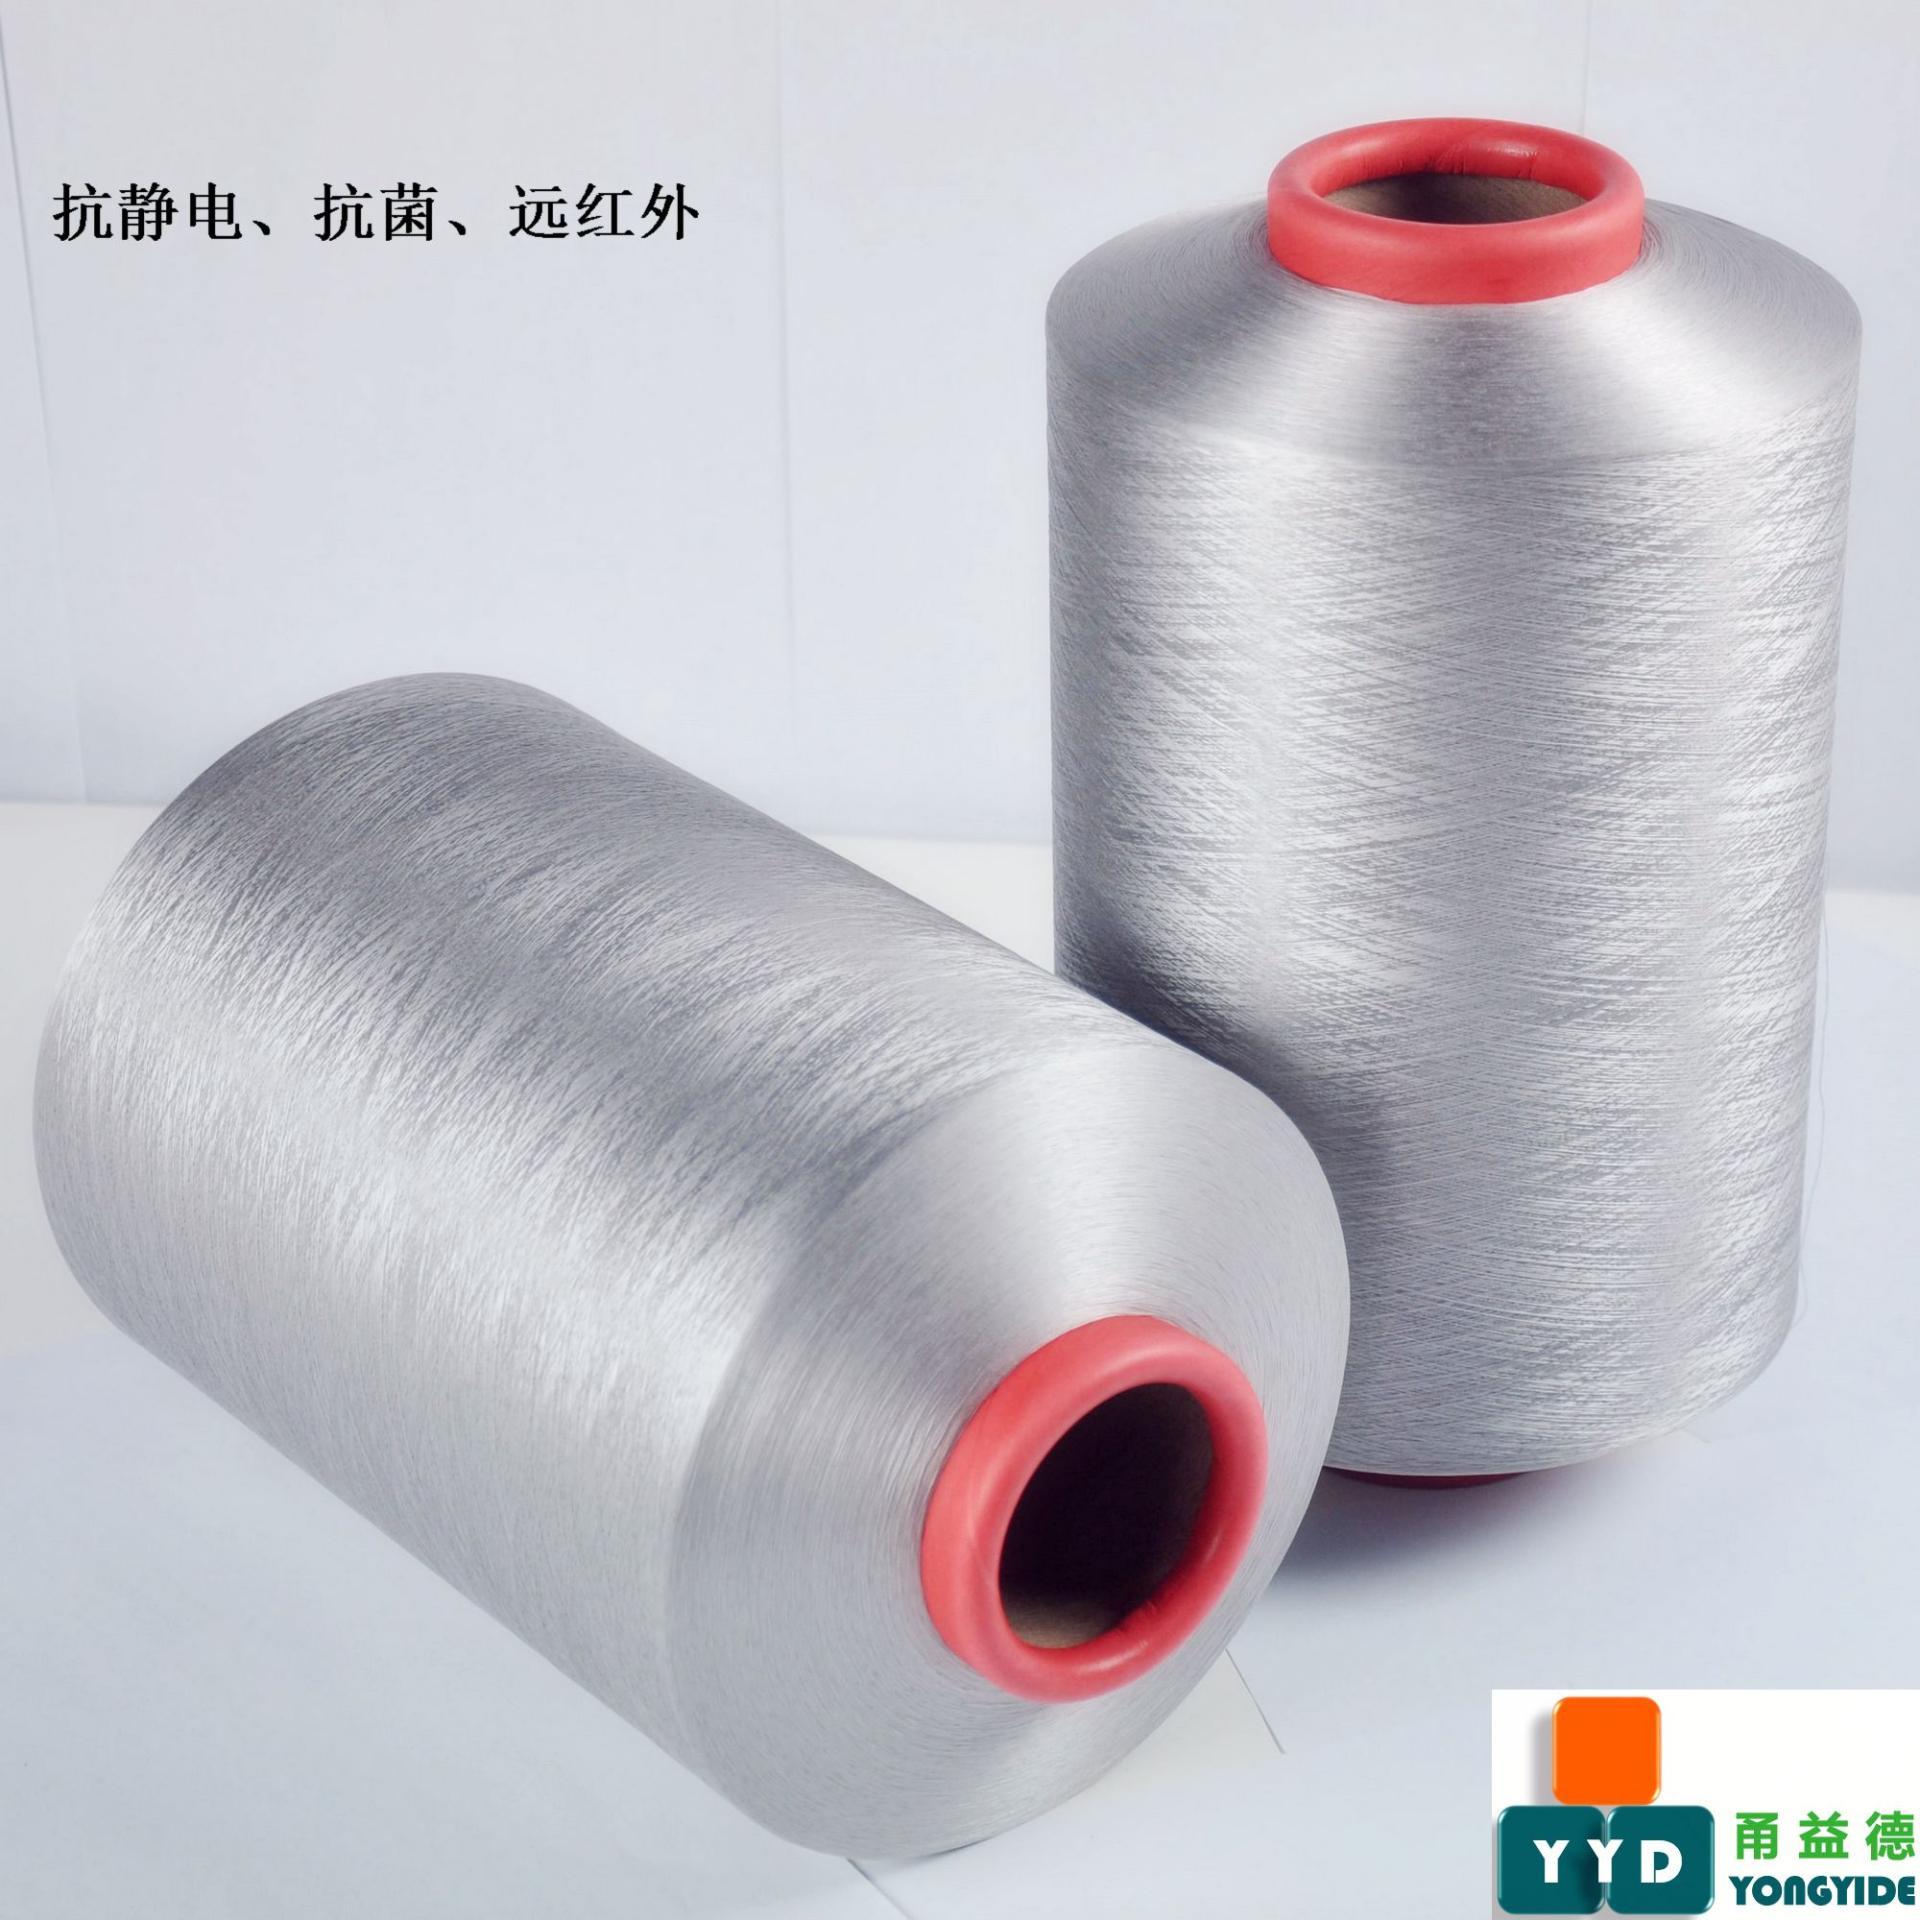 石墨烯改性涤纶 75D/72F/宁波益德新材料